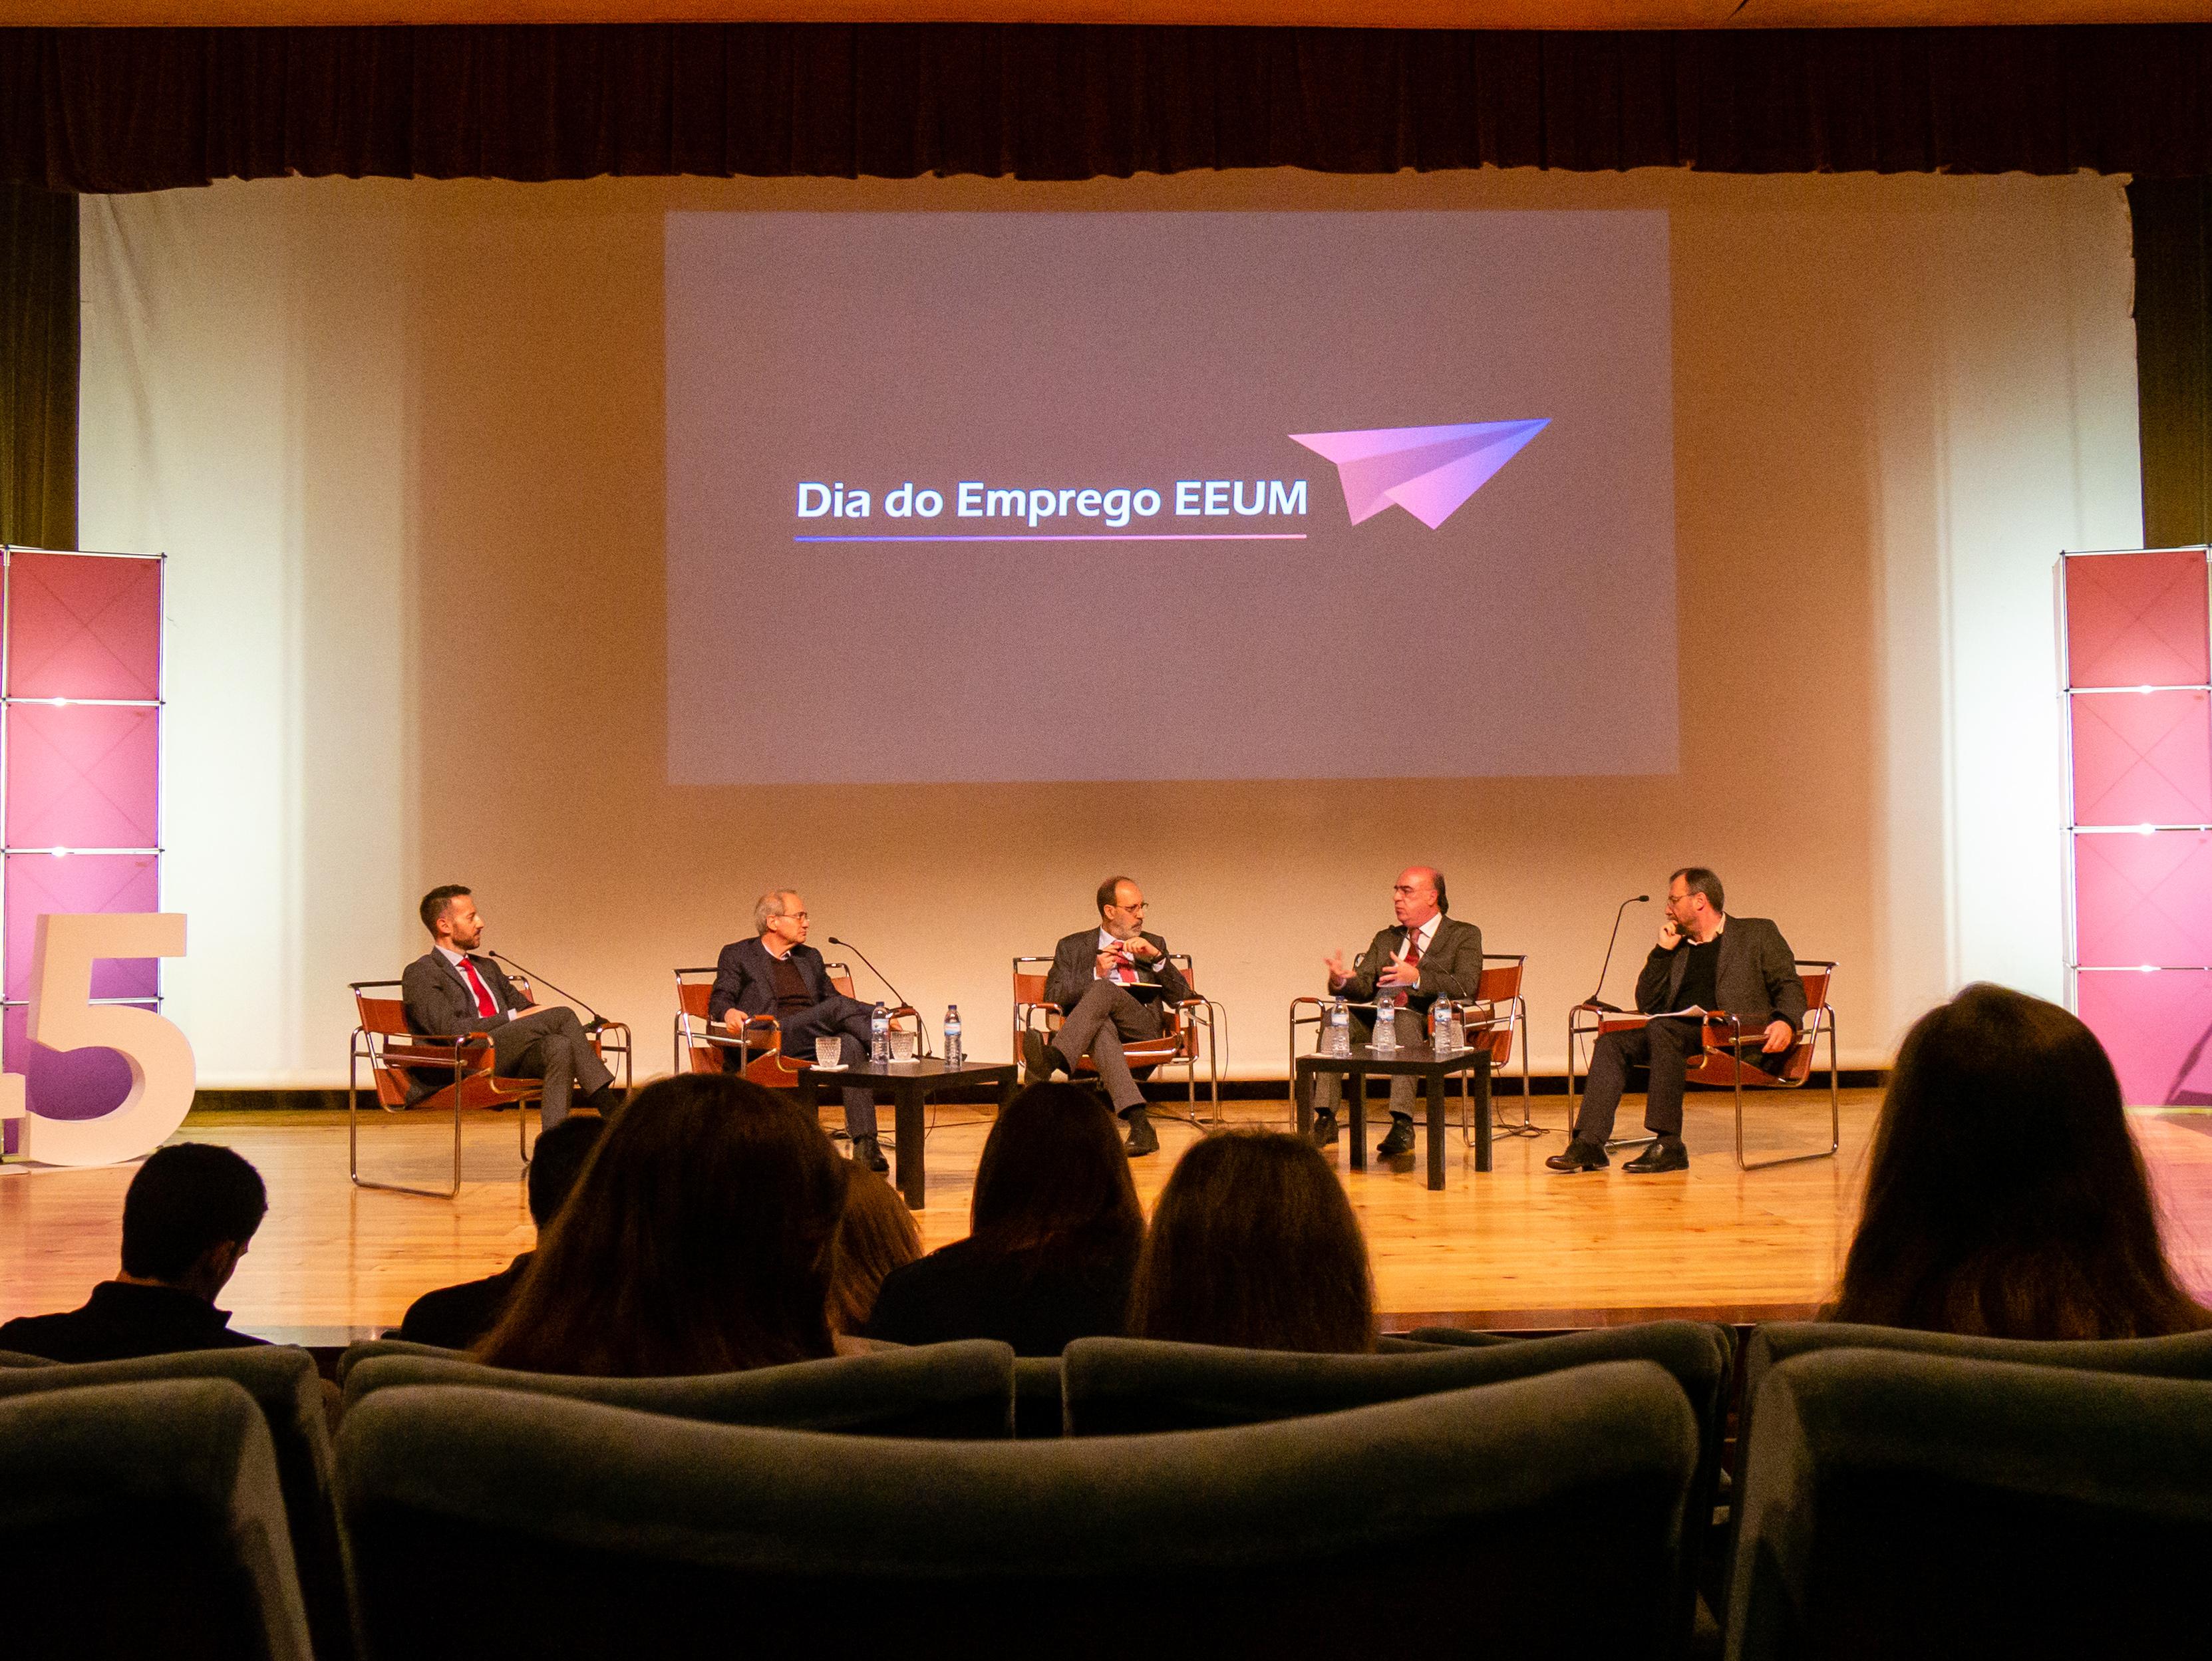 Presidente da Câmara de Barcelos presente em debate sobre Emprego da EEUM